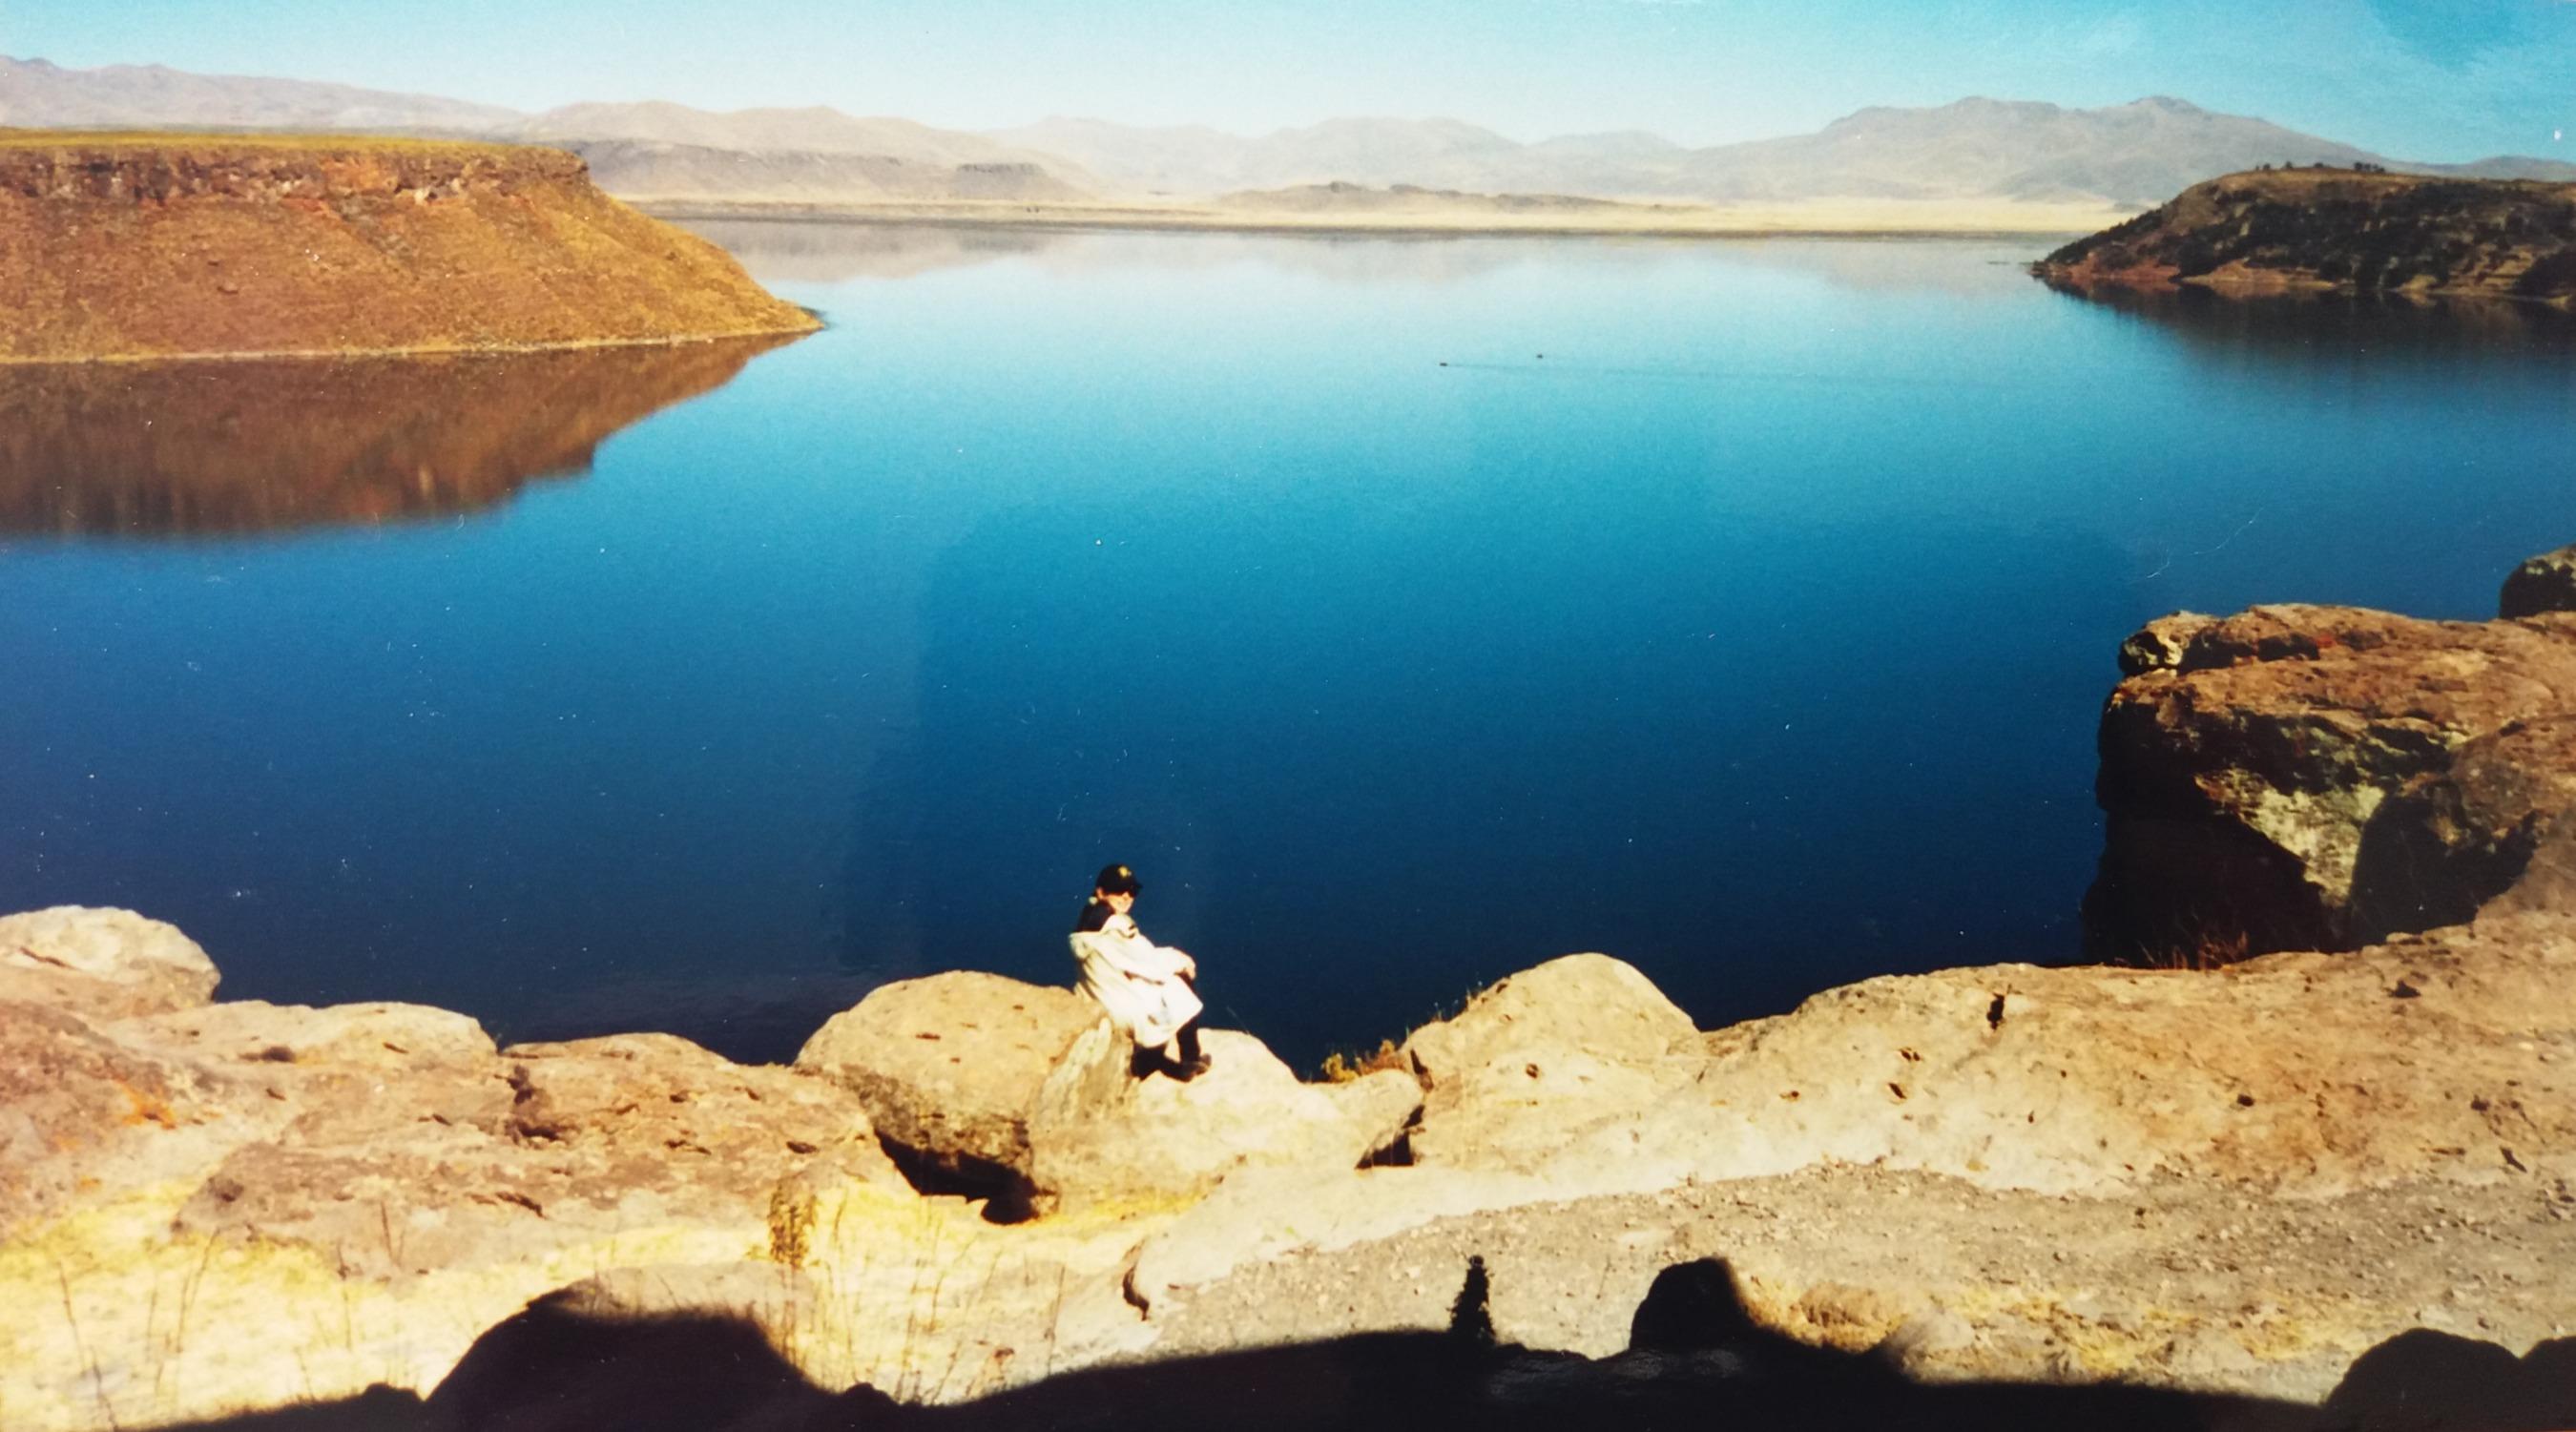 Namibia diary - Day 12 - Sillustani